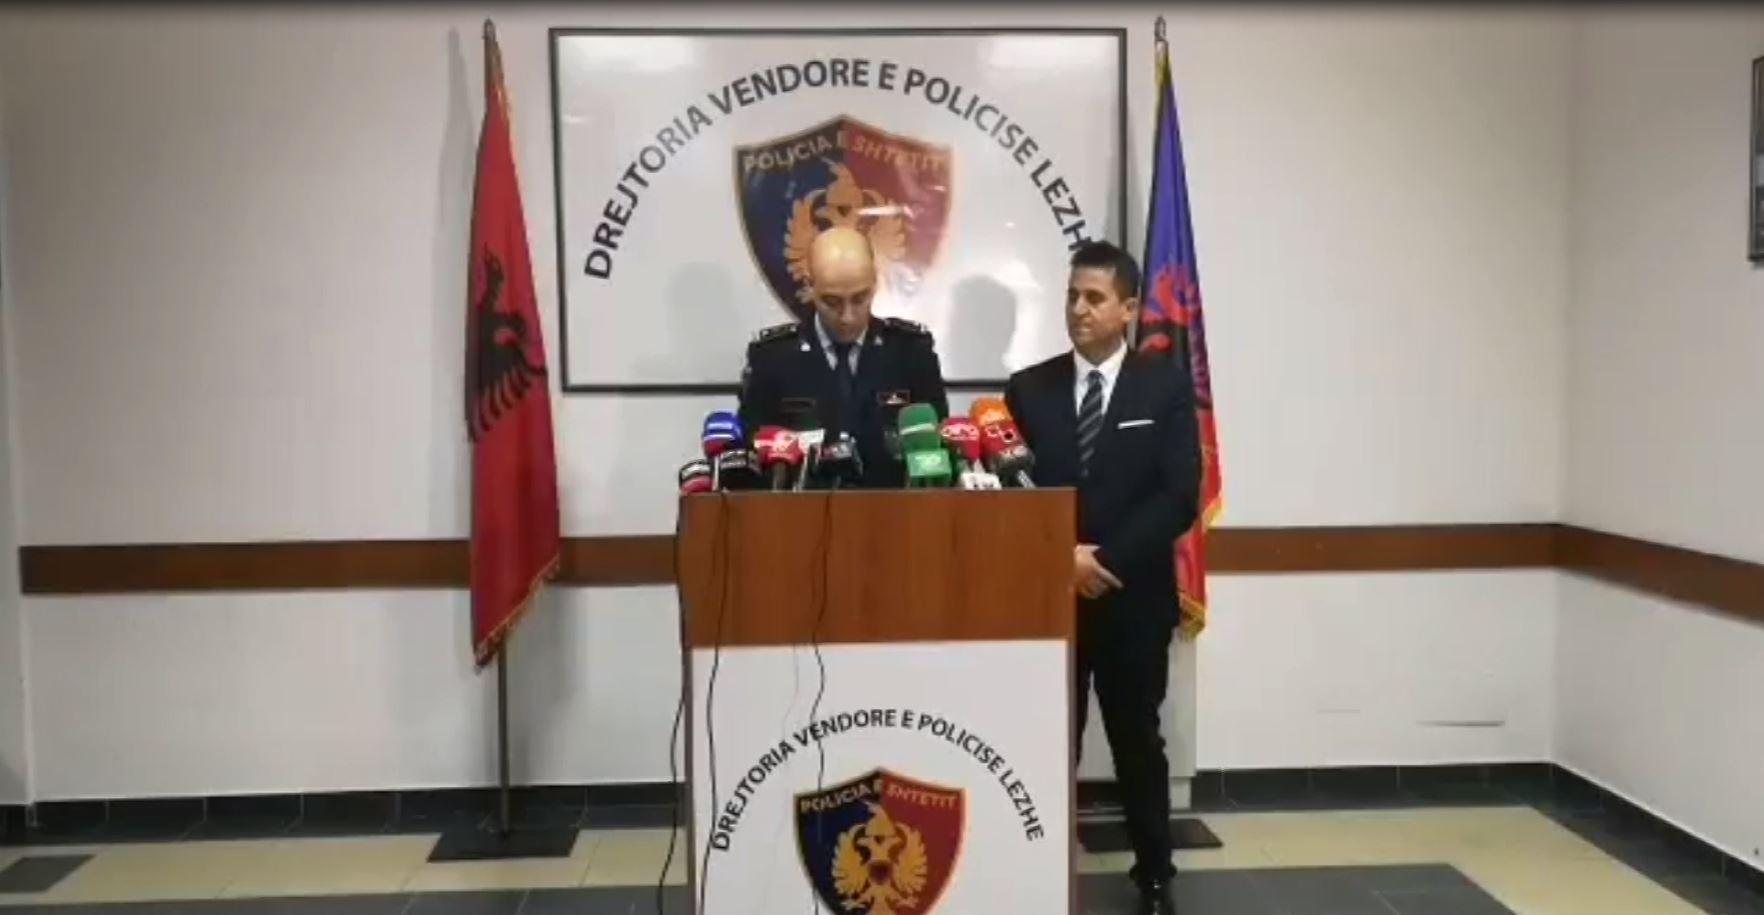 Abuzimi me tokat/Arrestohet kryetari dhe nënkryetari i Bashkisë Lezhë